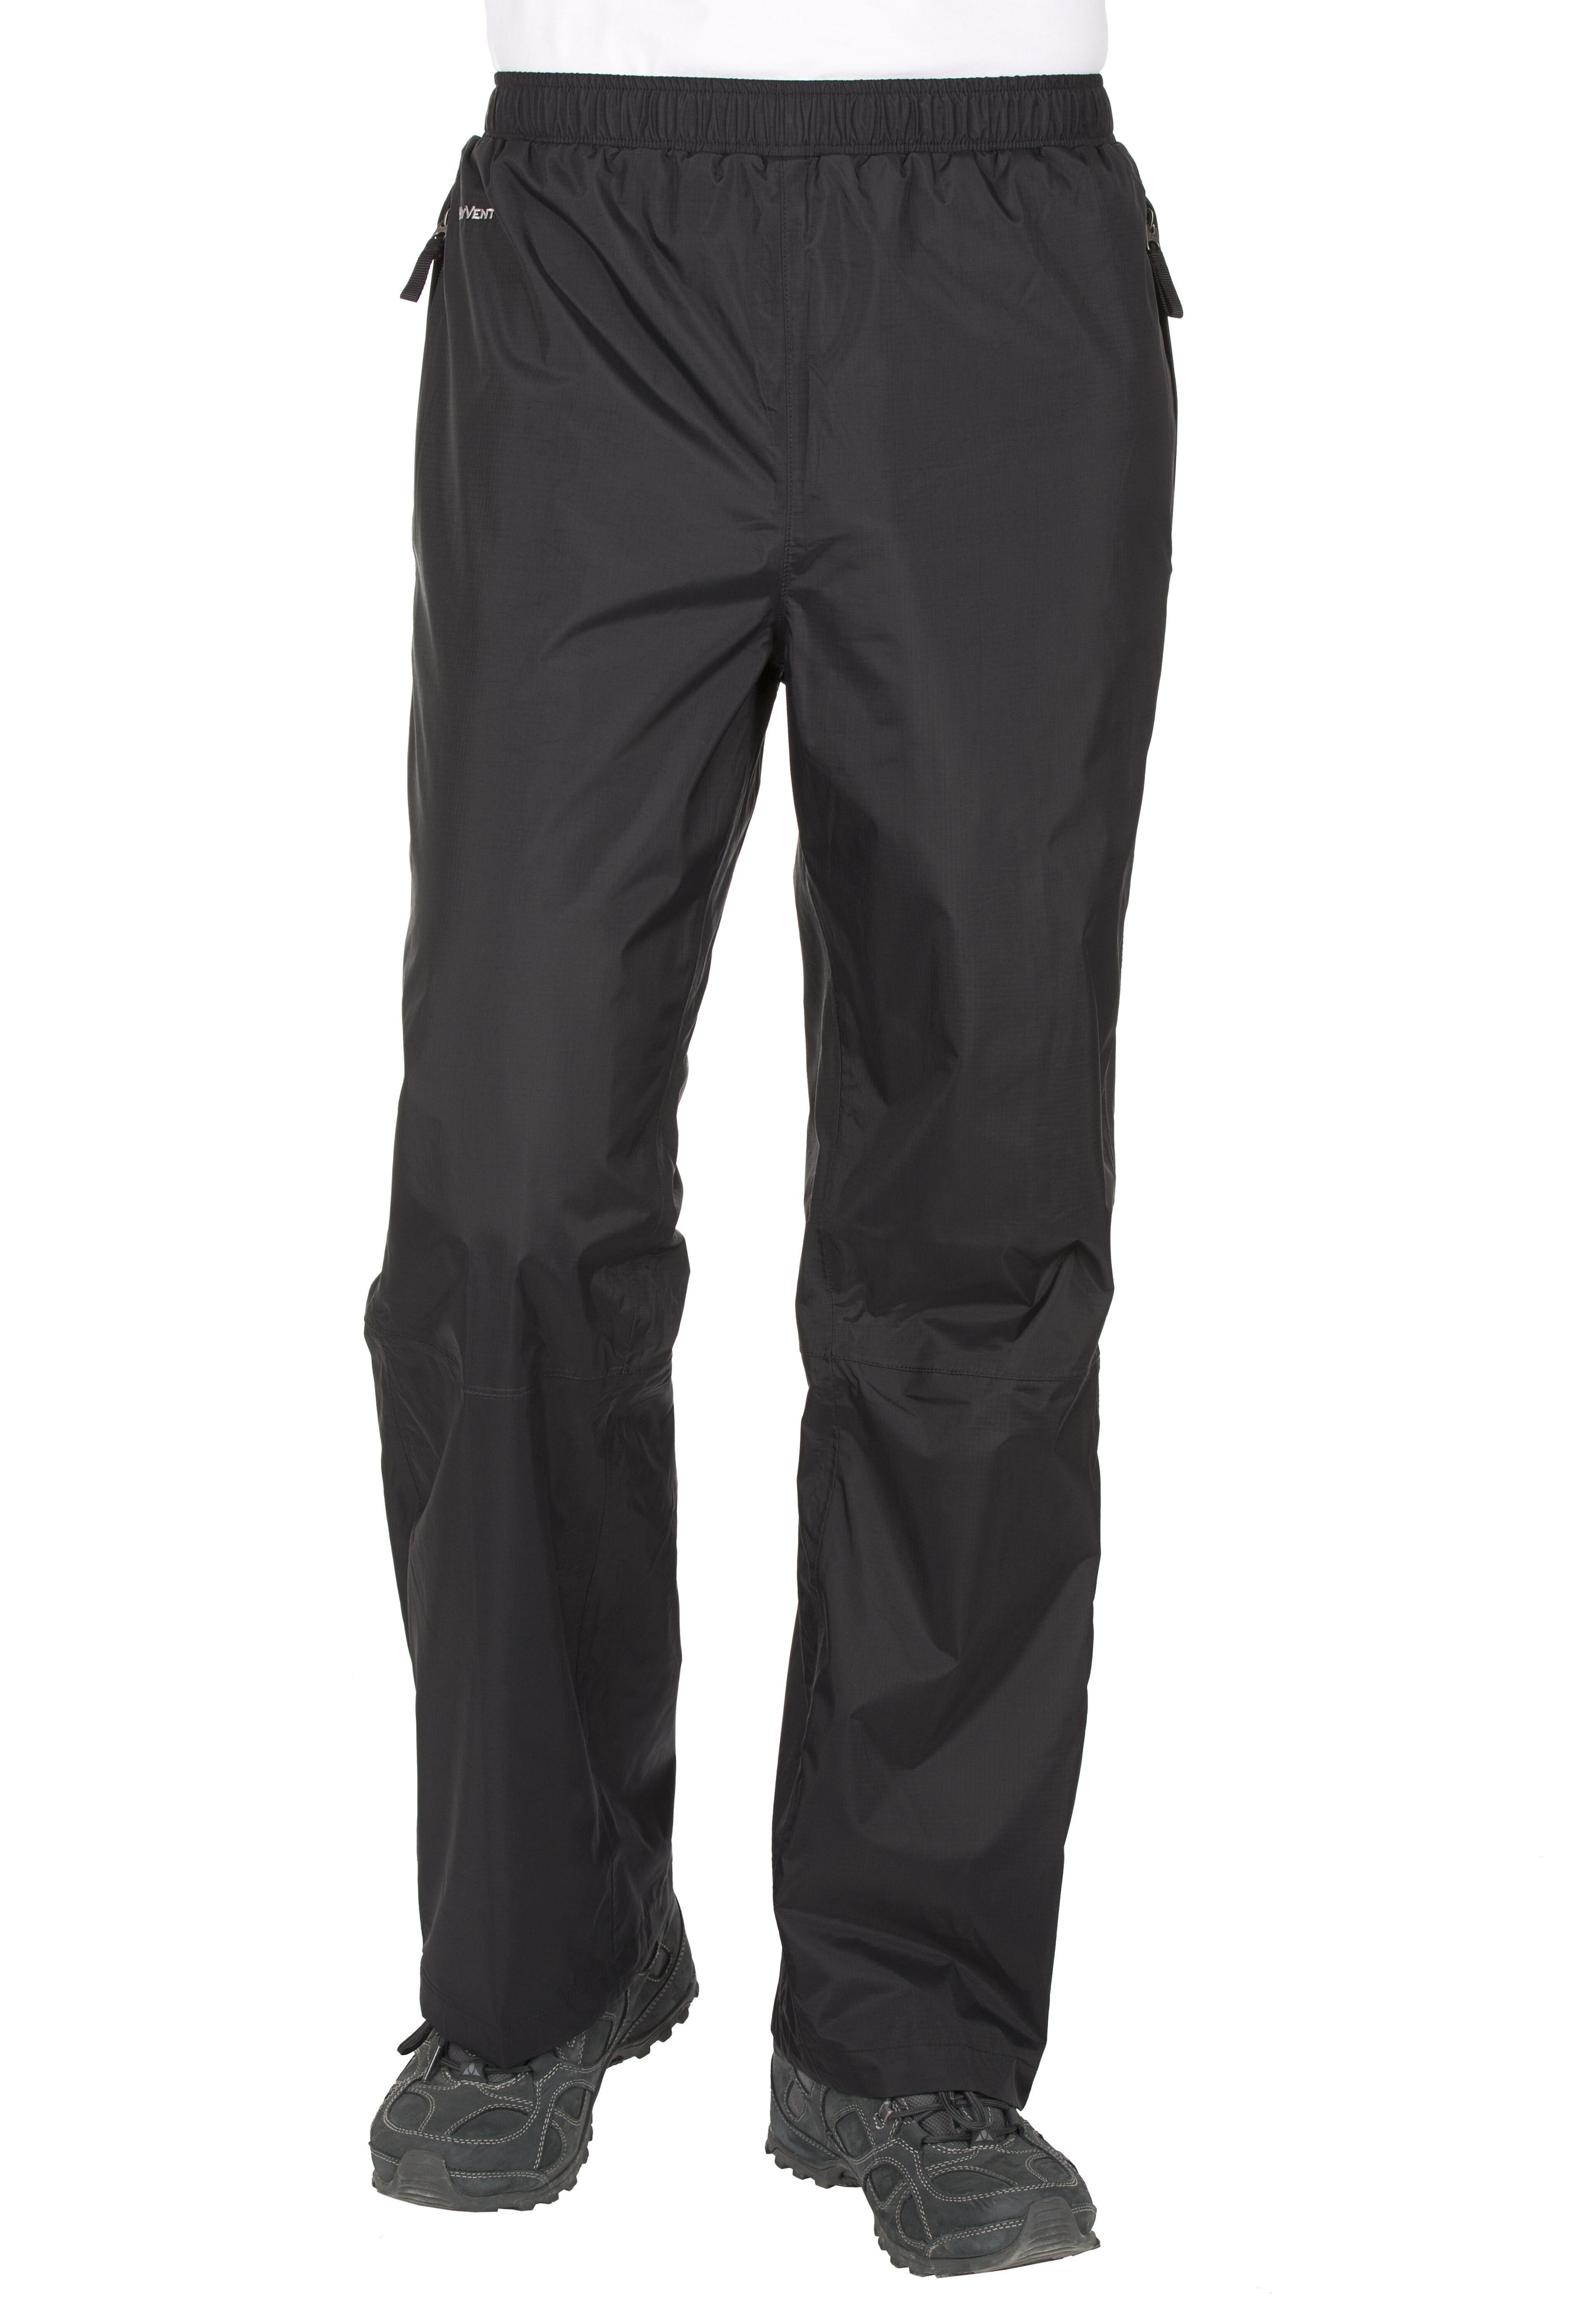 comprar online 91d5e c5375 The North Face Resolve Pantalones Hombre, tnf black